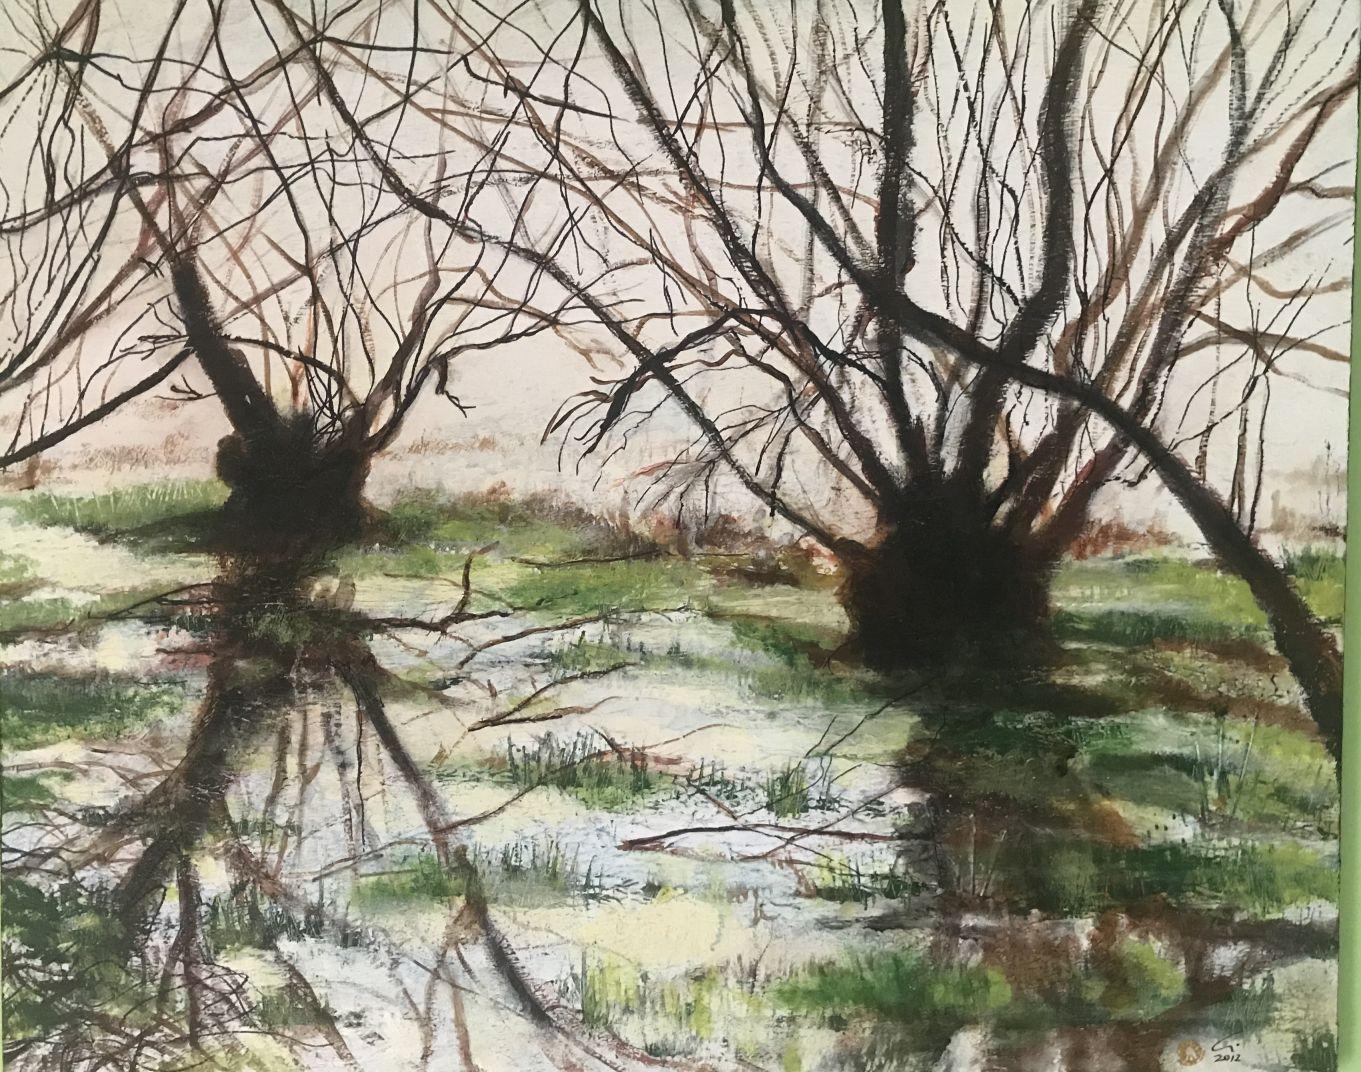 Pantanal 1 (2009) - Agustín de Córdoba